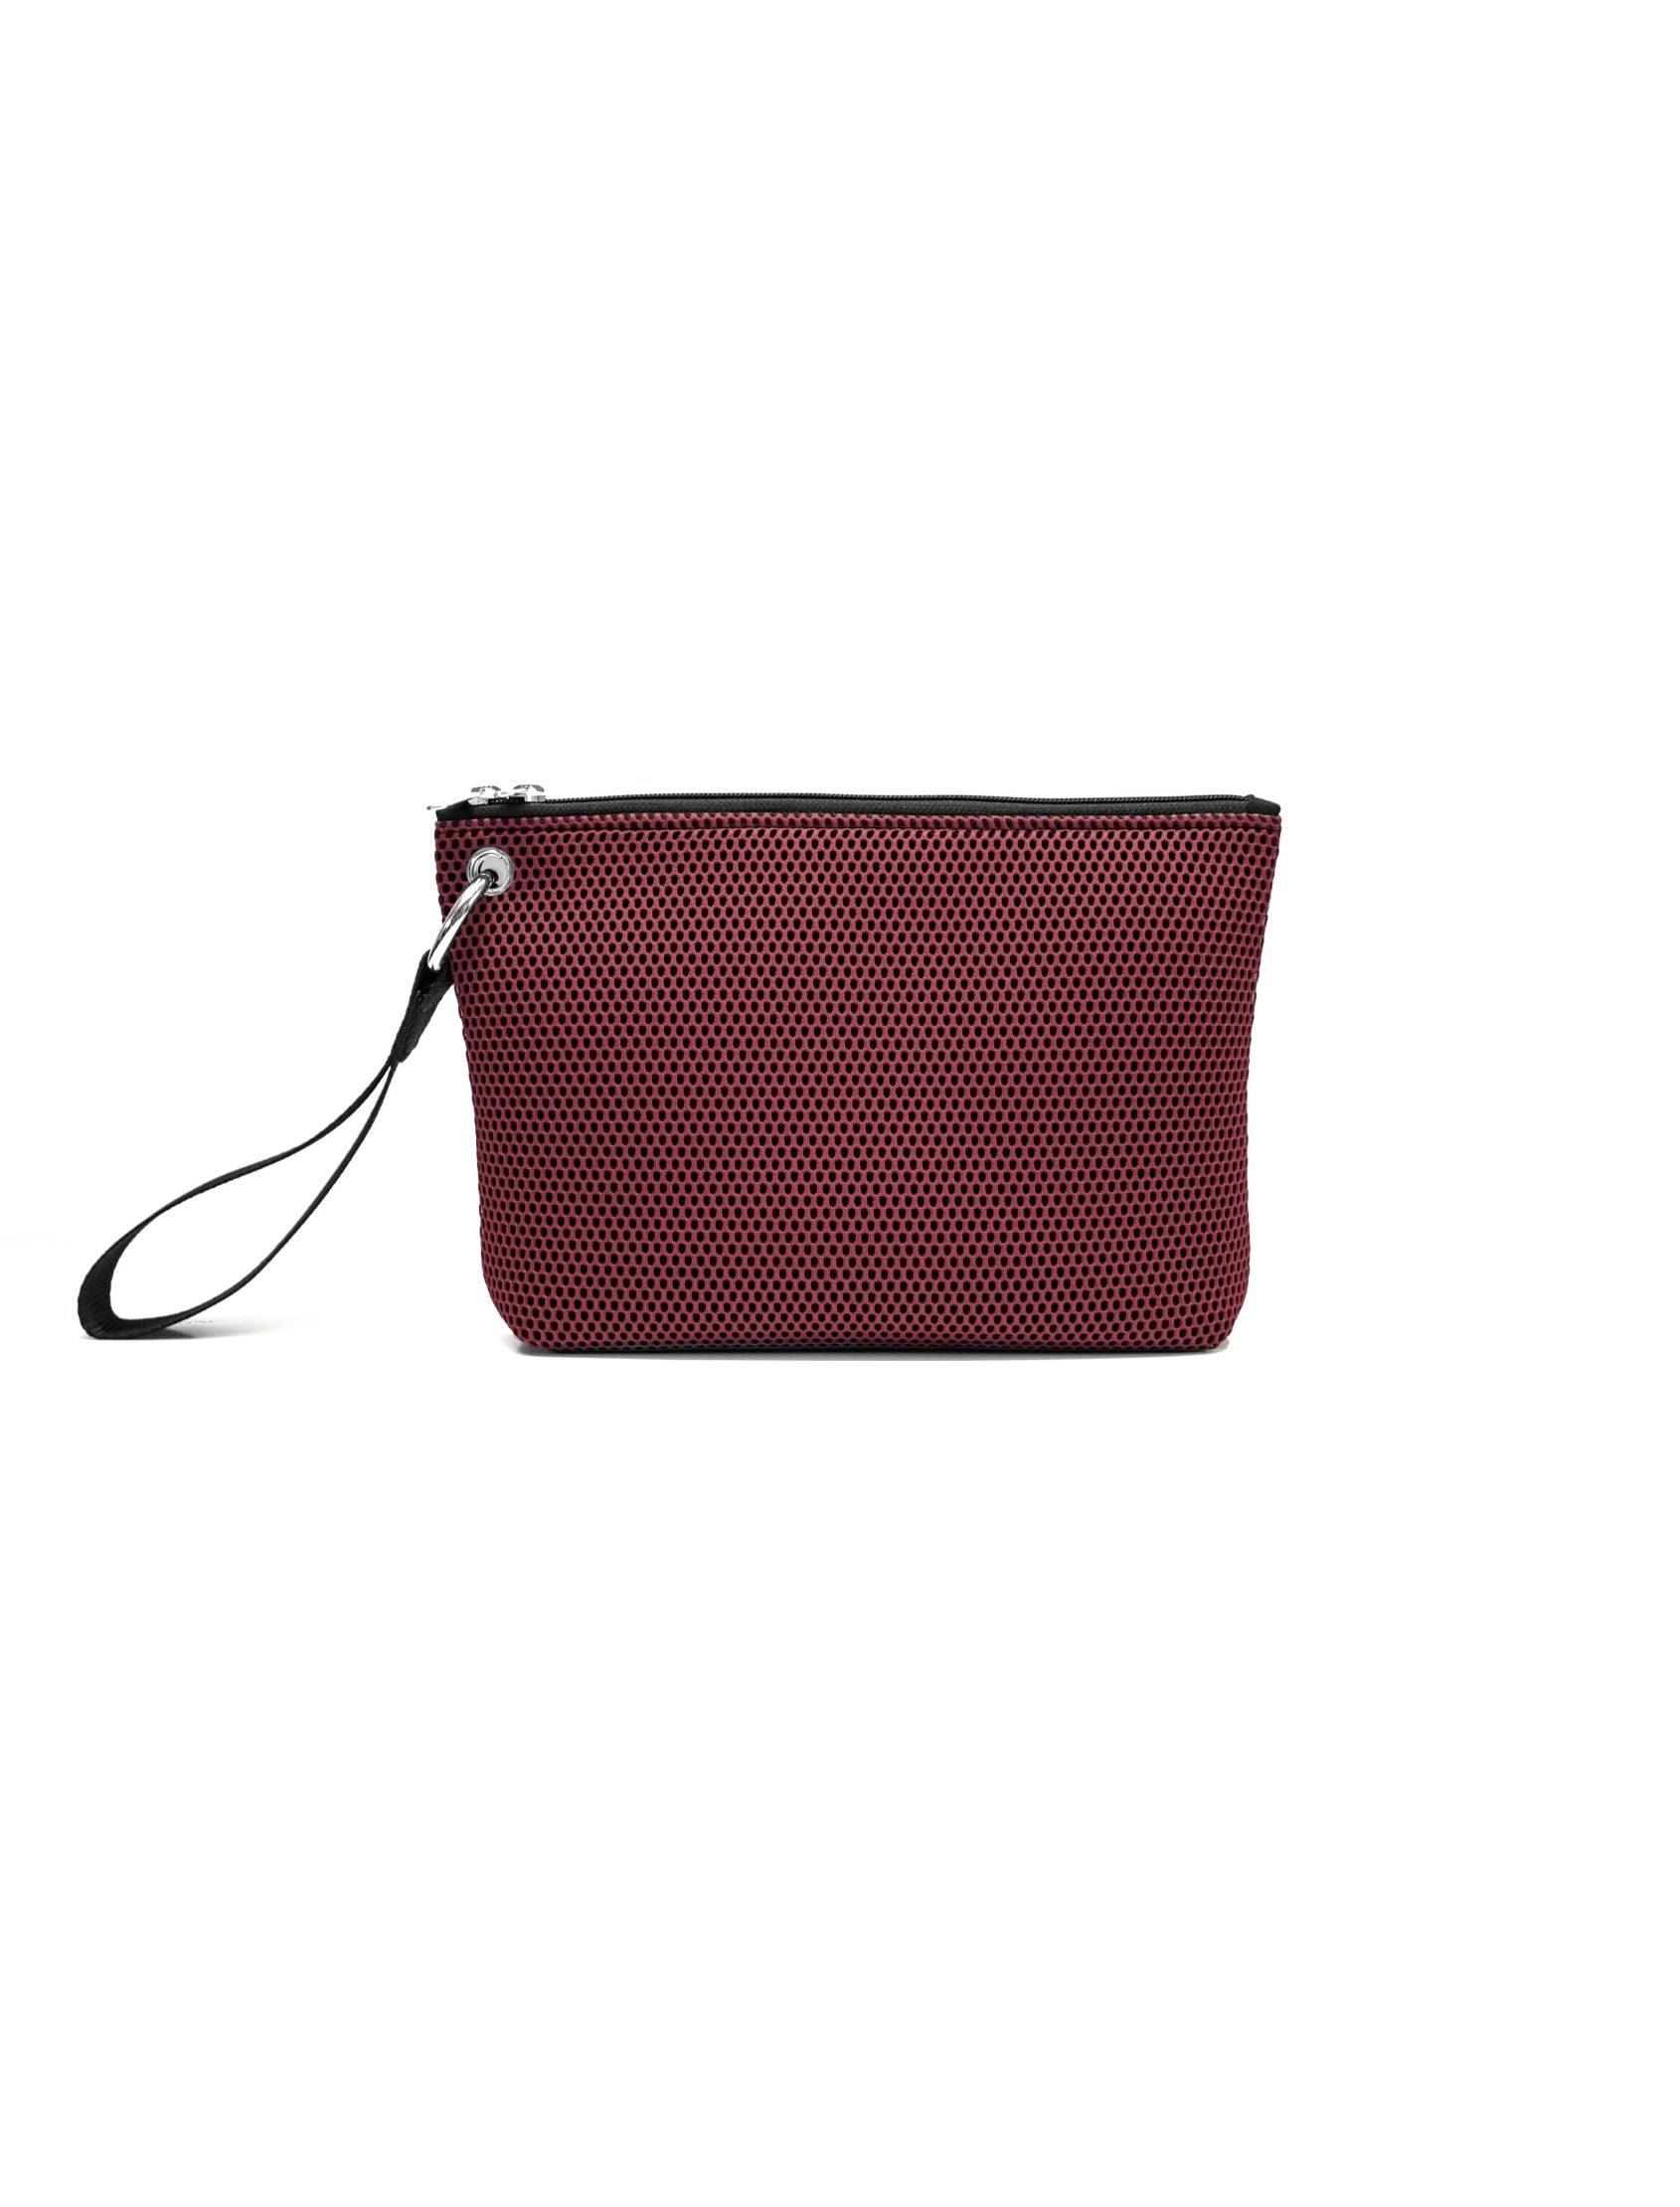 bolso de mano de Peter&Wolf con tejido ténico 3d en color Bordeaux